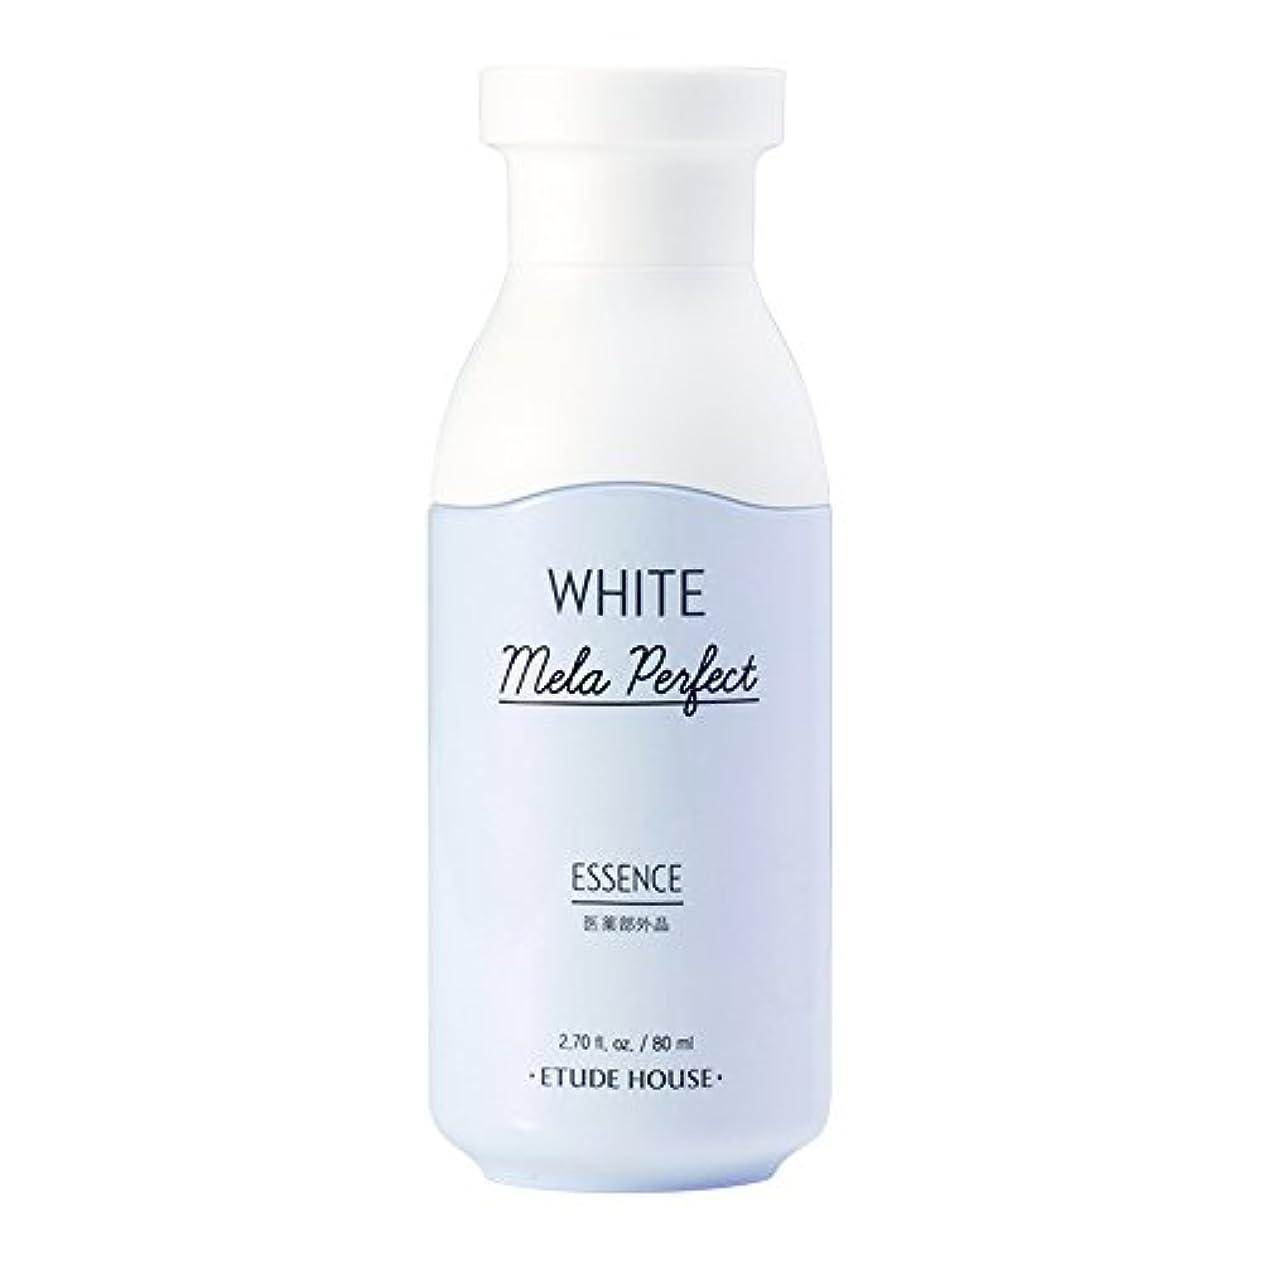 静かなできない不均一エチュードハウス(ETUDE HOUSE) ホワイトメラパーフェクト エッセンス「美白美容液」